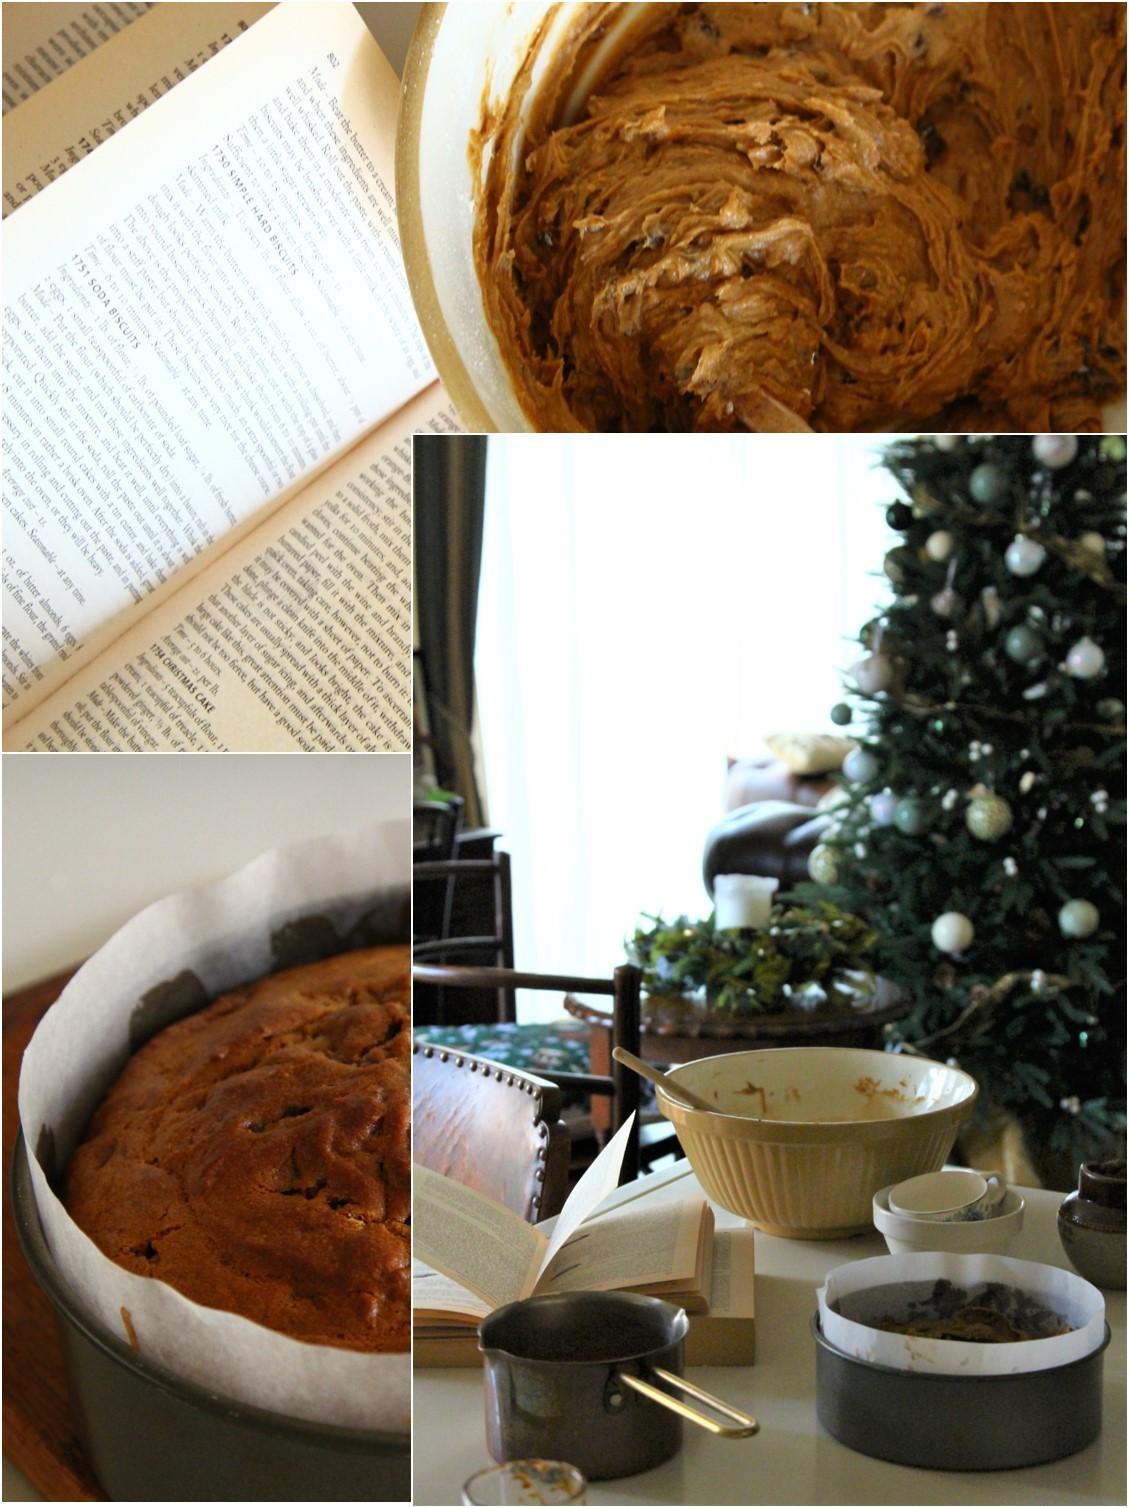 ビートン夫人のクリスマスケーキ_a0107981_19252590.jpg